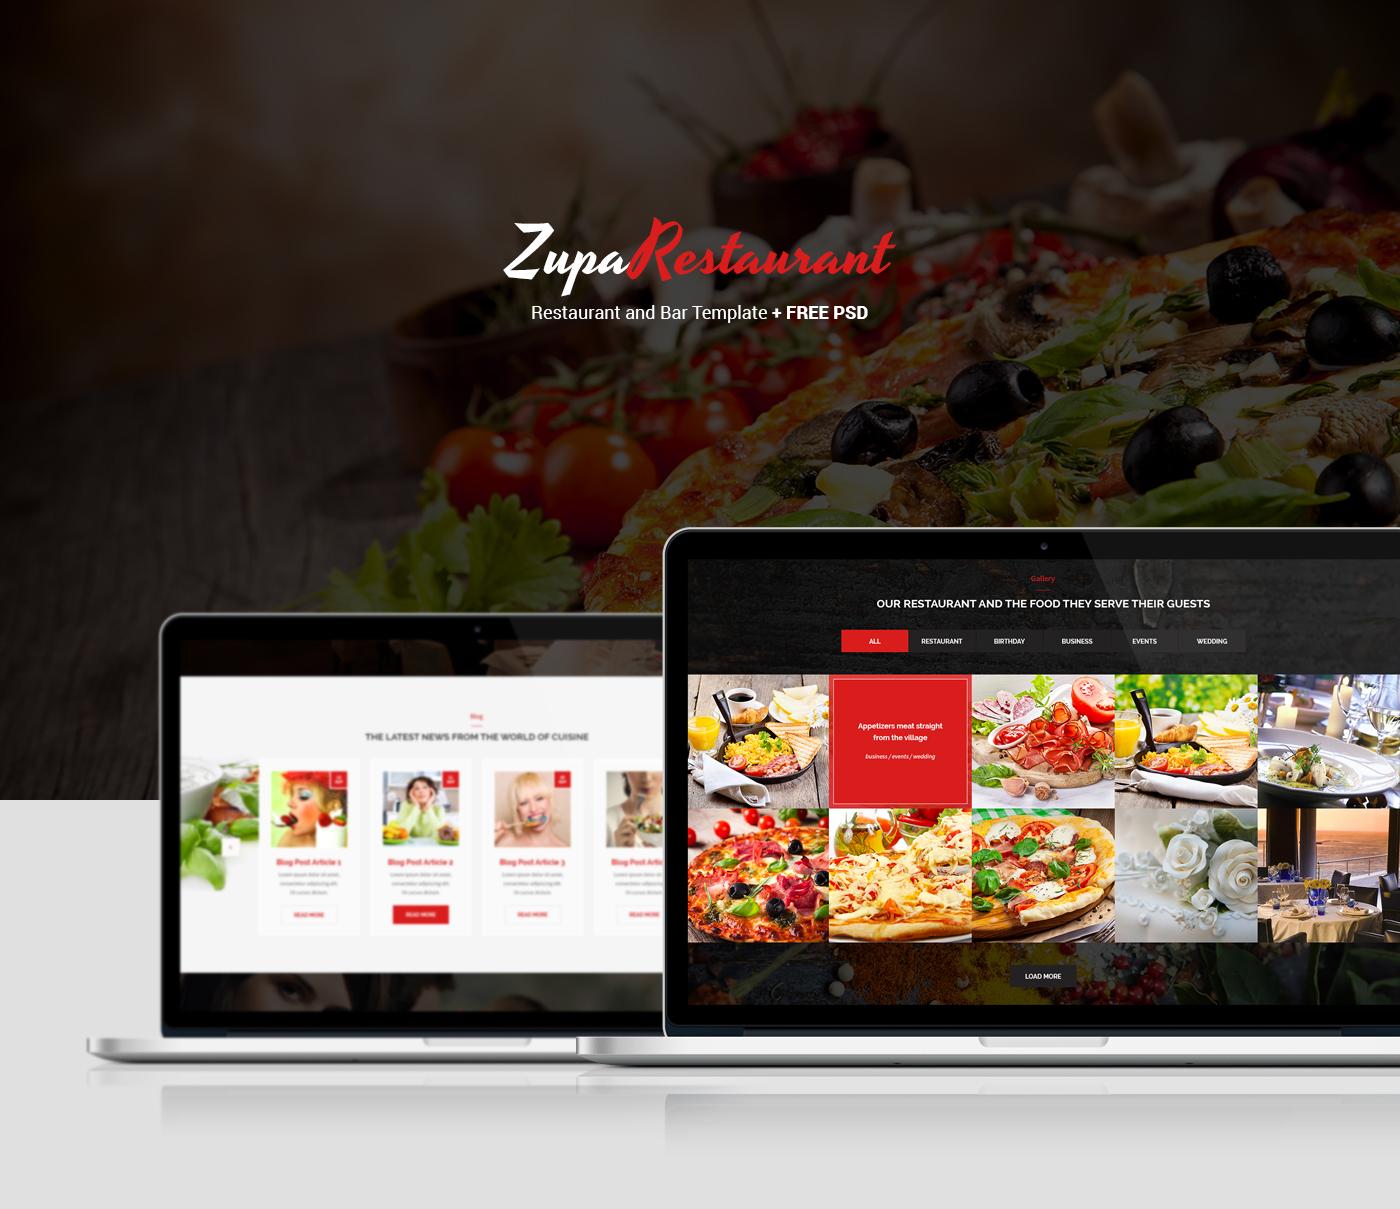 zuparestaurant psd template free psd on behance